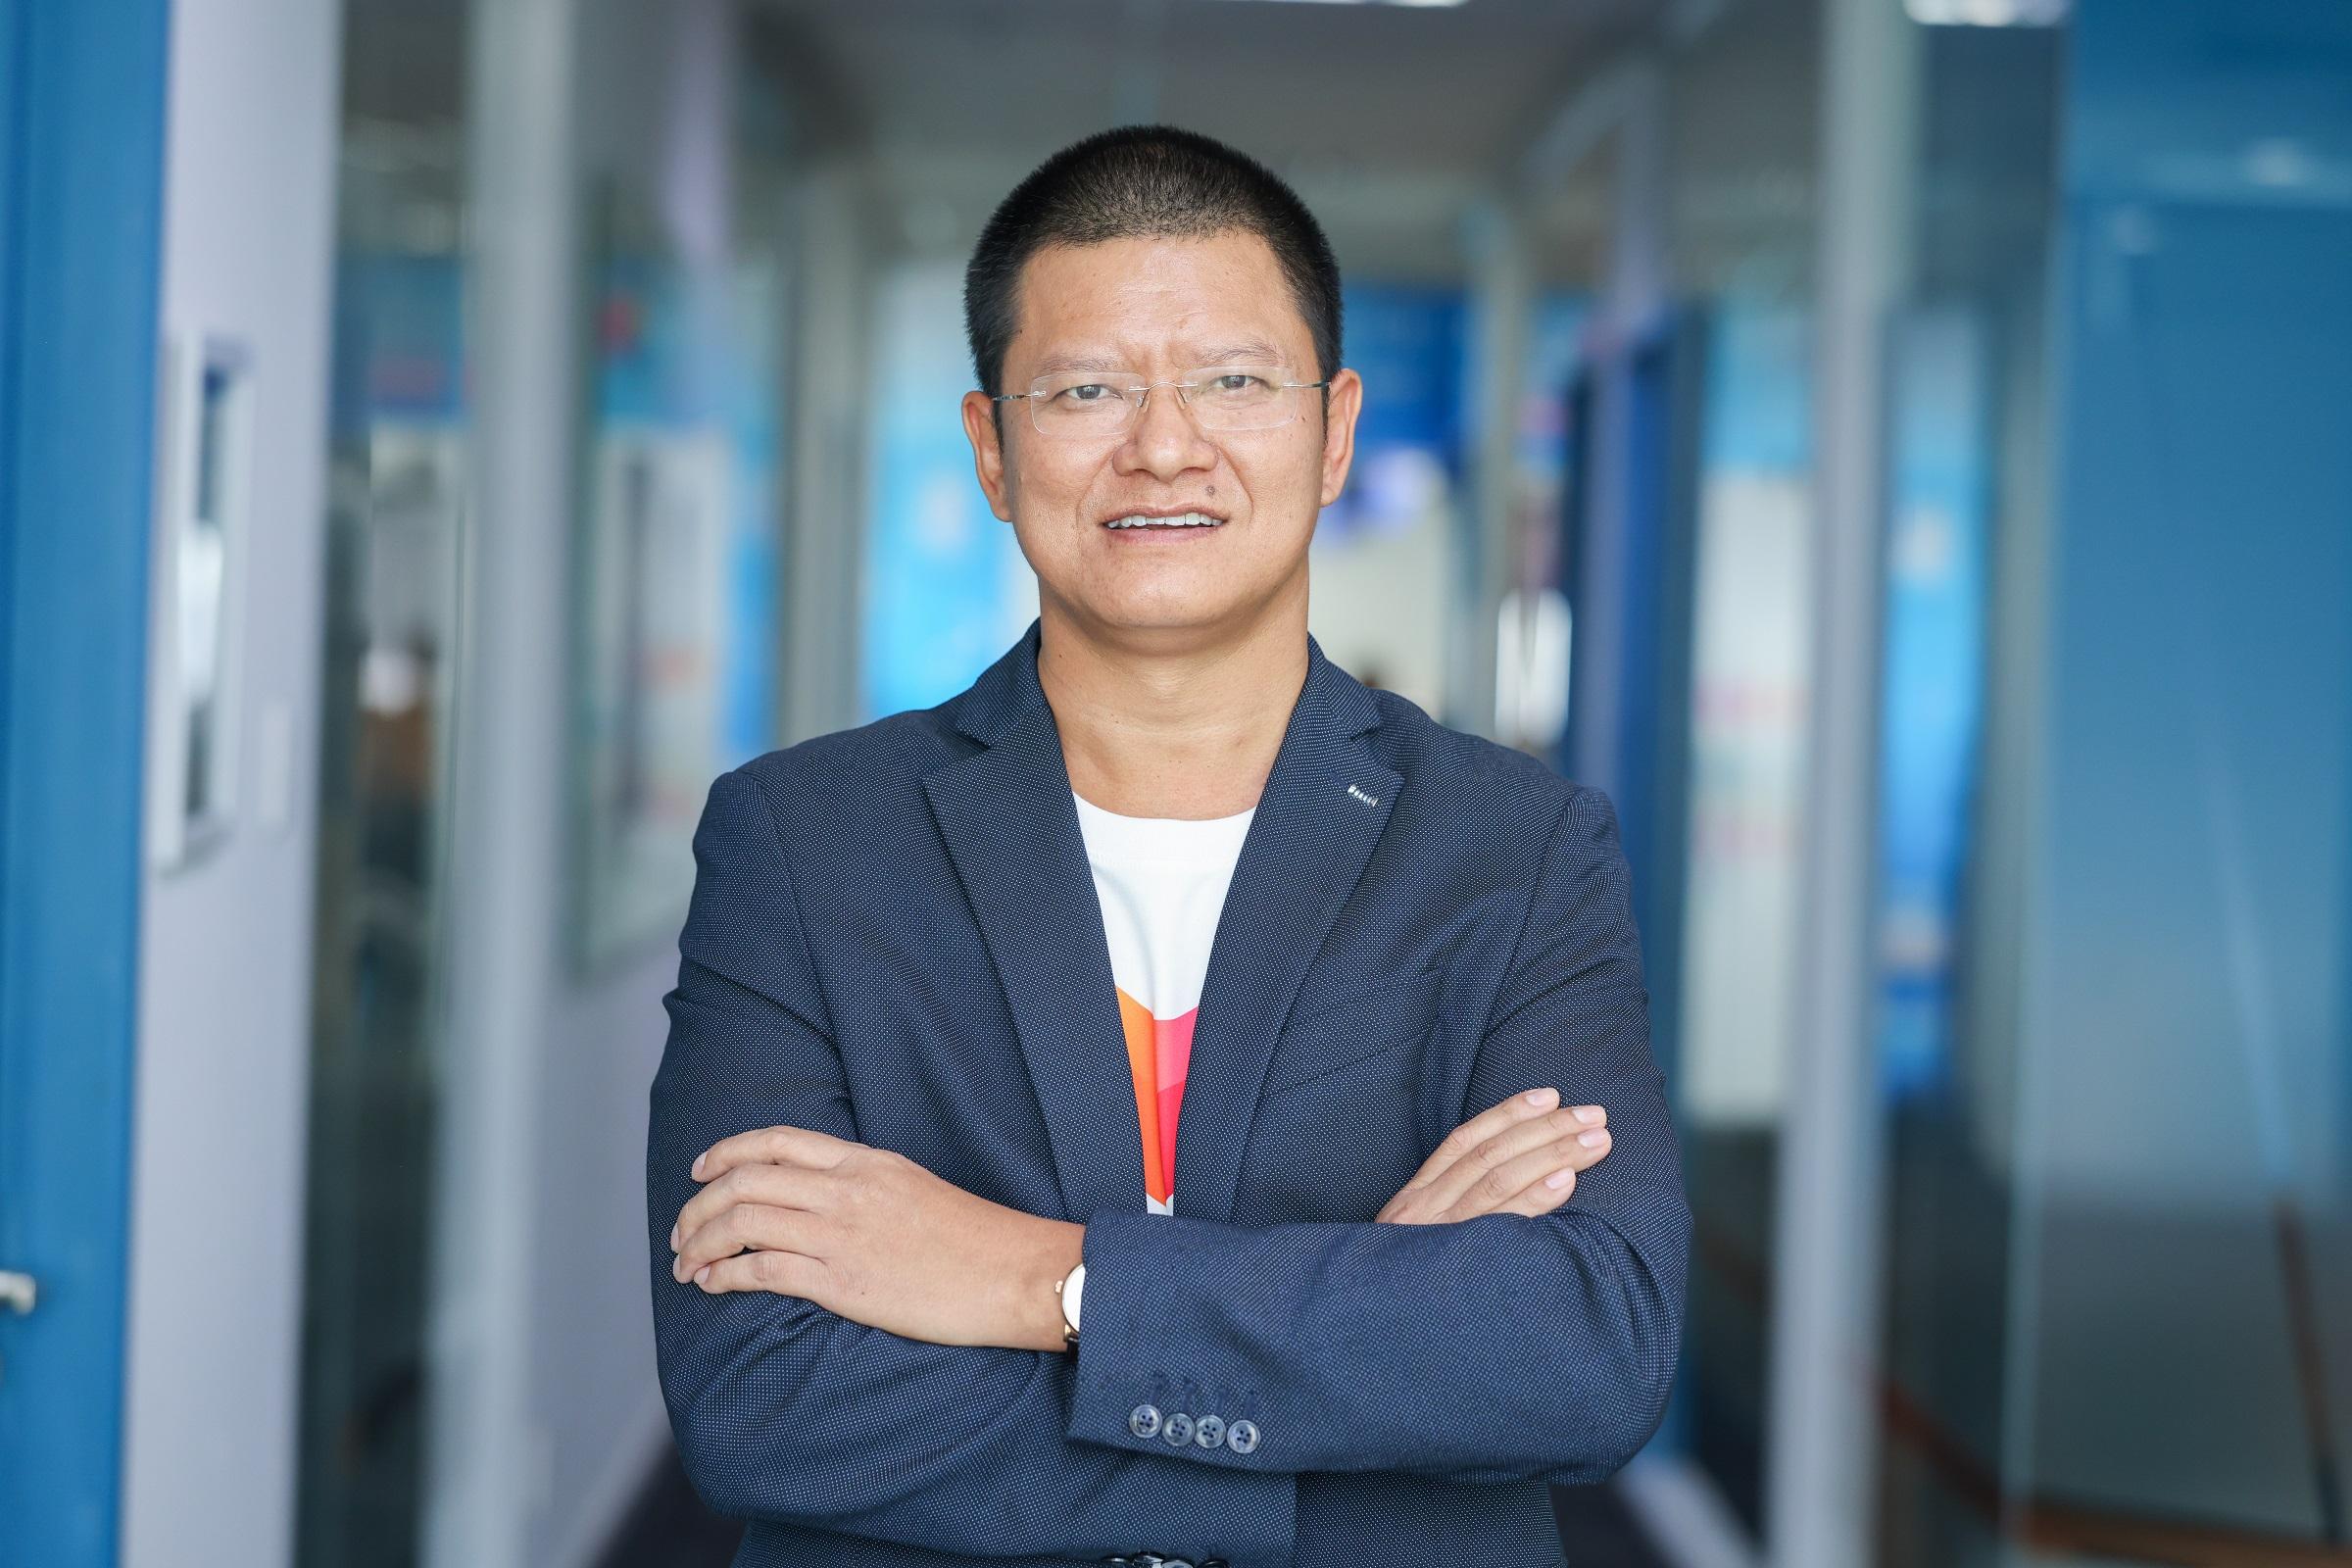 Ông Vũ Đức Thịnh, Giám đốc Logistics (CLO) Lazada Việt Nam. Ảnh: Lazada.